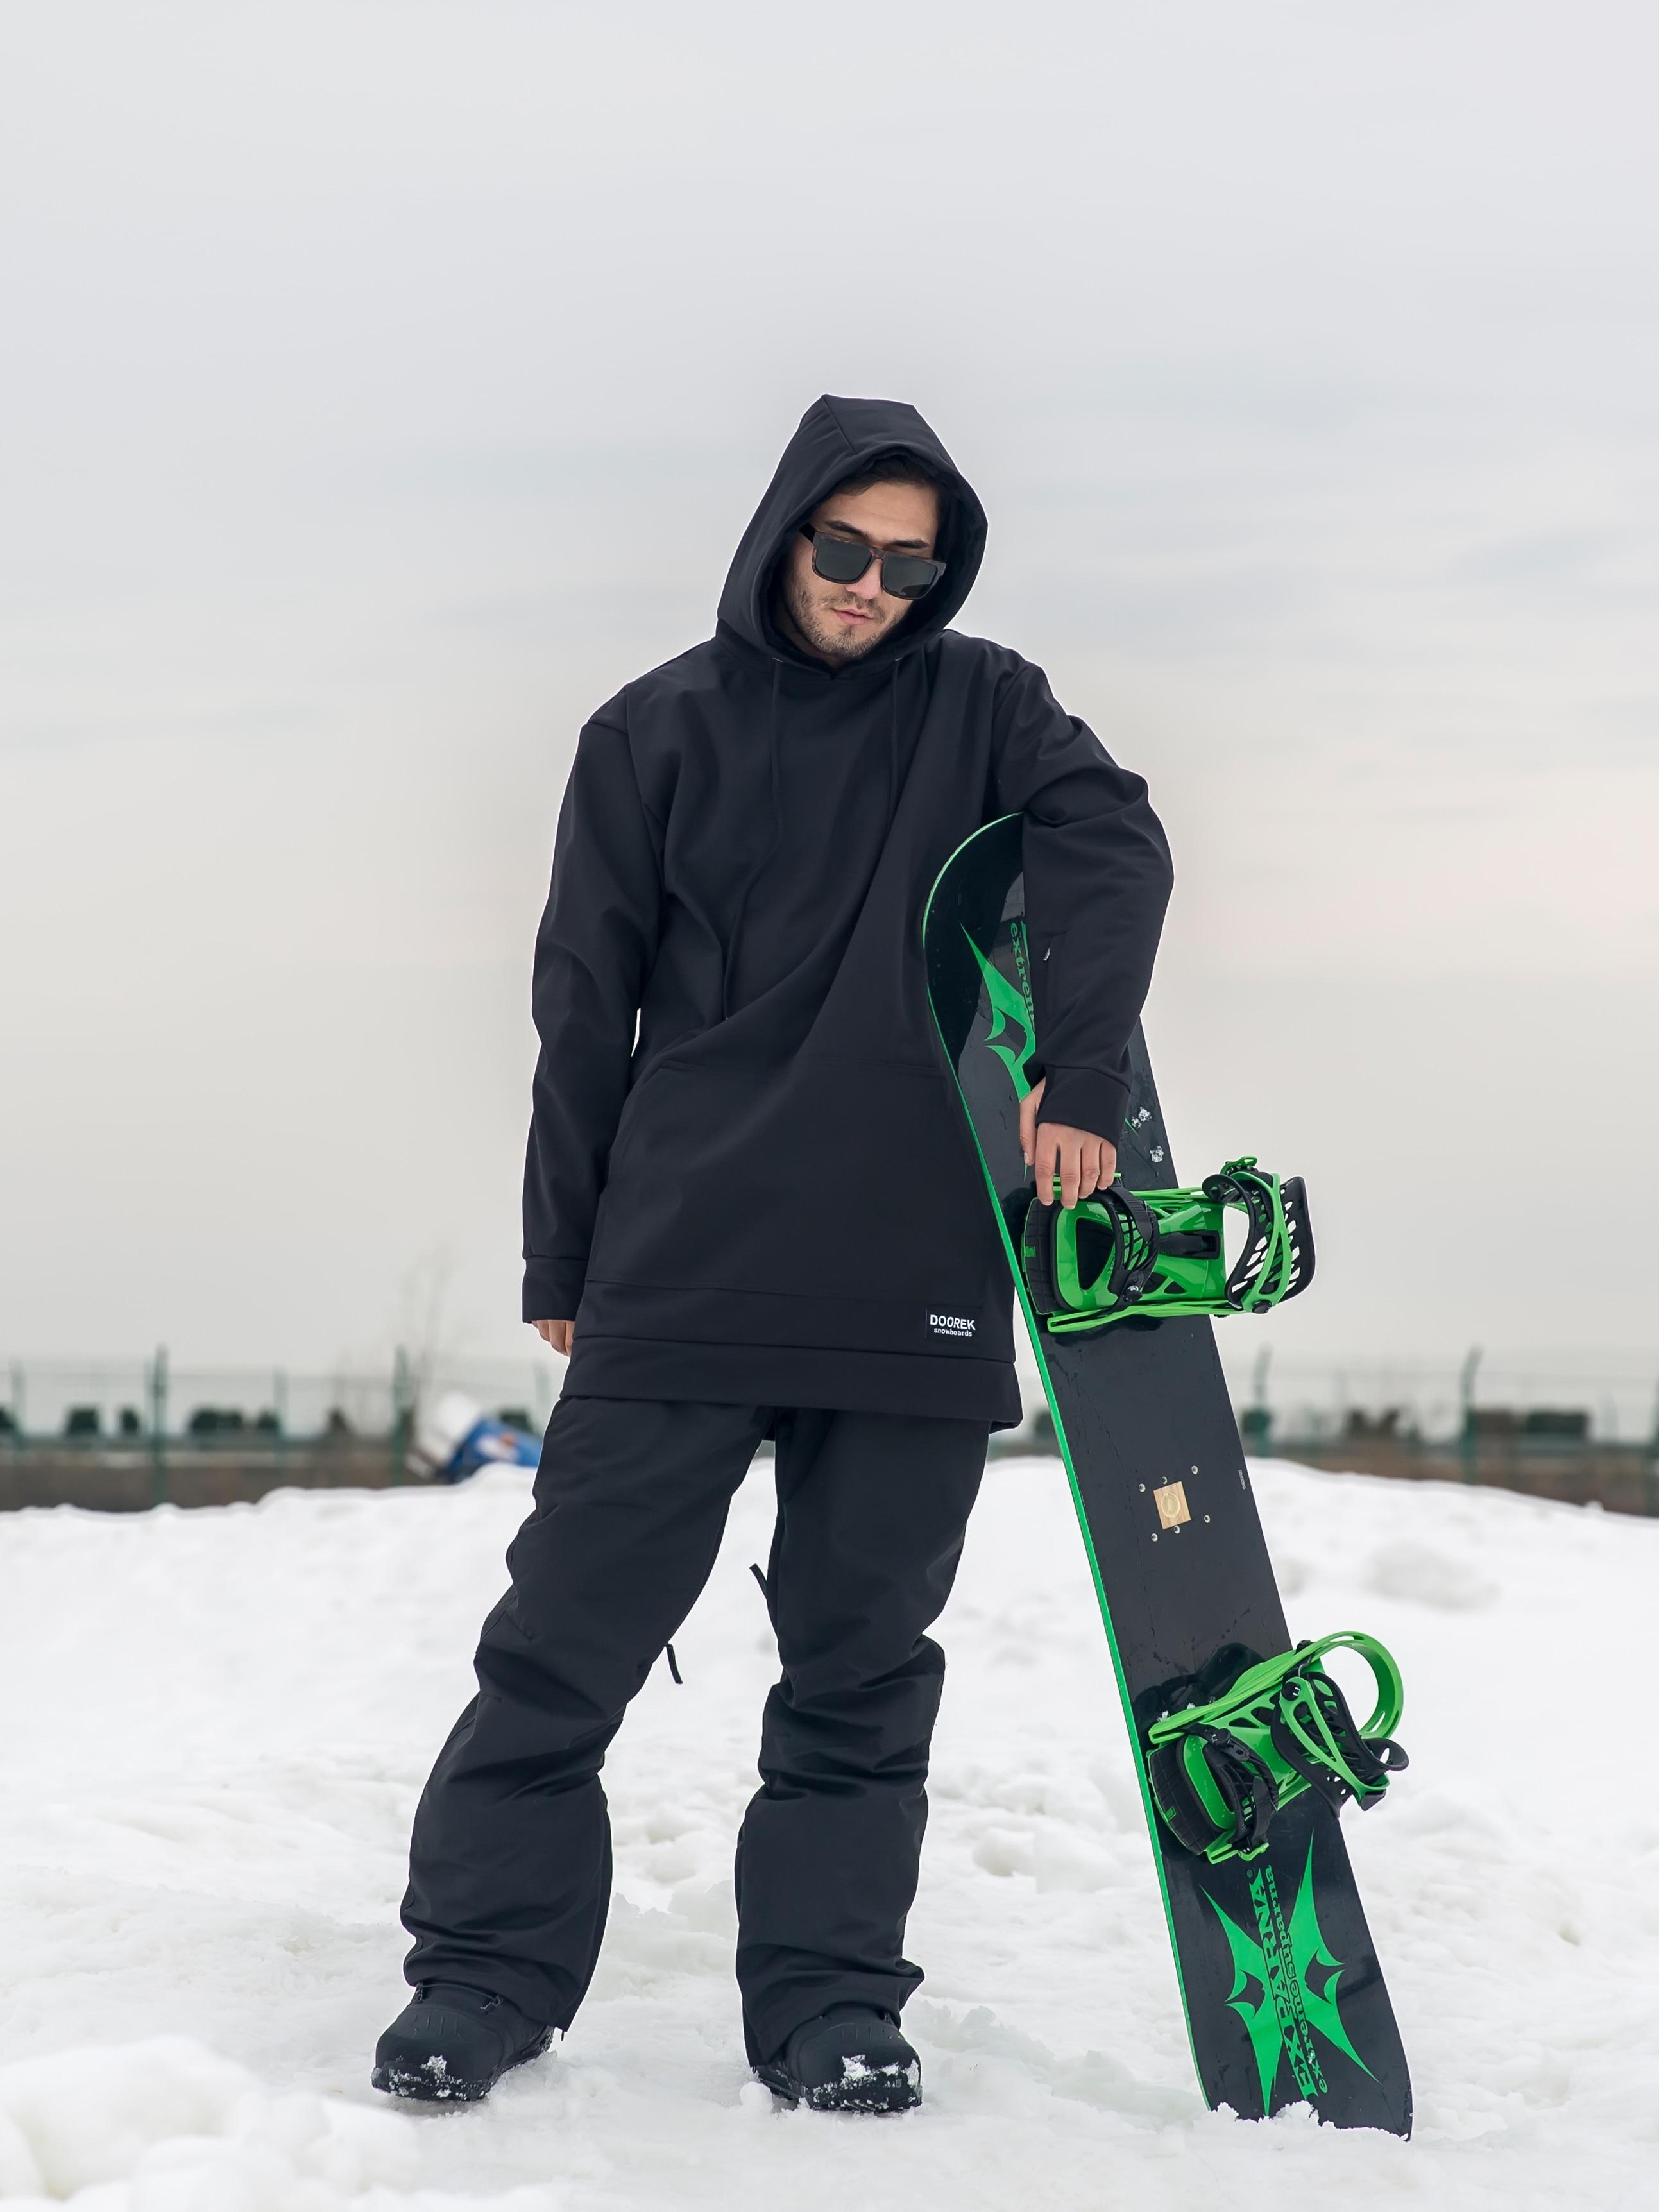 Doorek Professional Miehet Naiset Talvihiihtotakki Lämmin - Hiihto ja lumilautailu